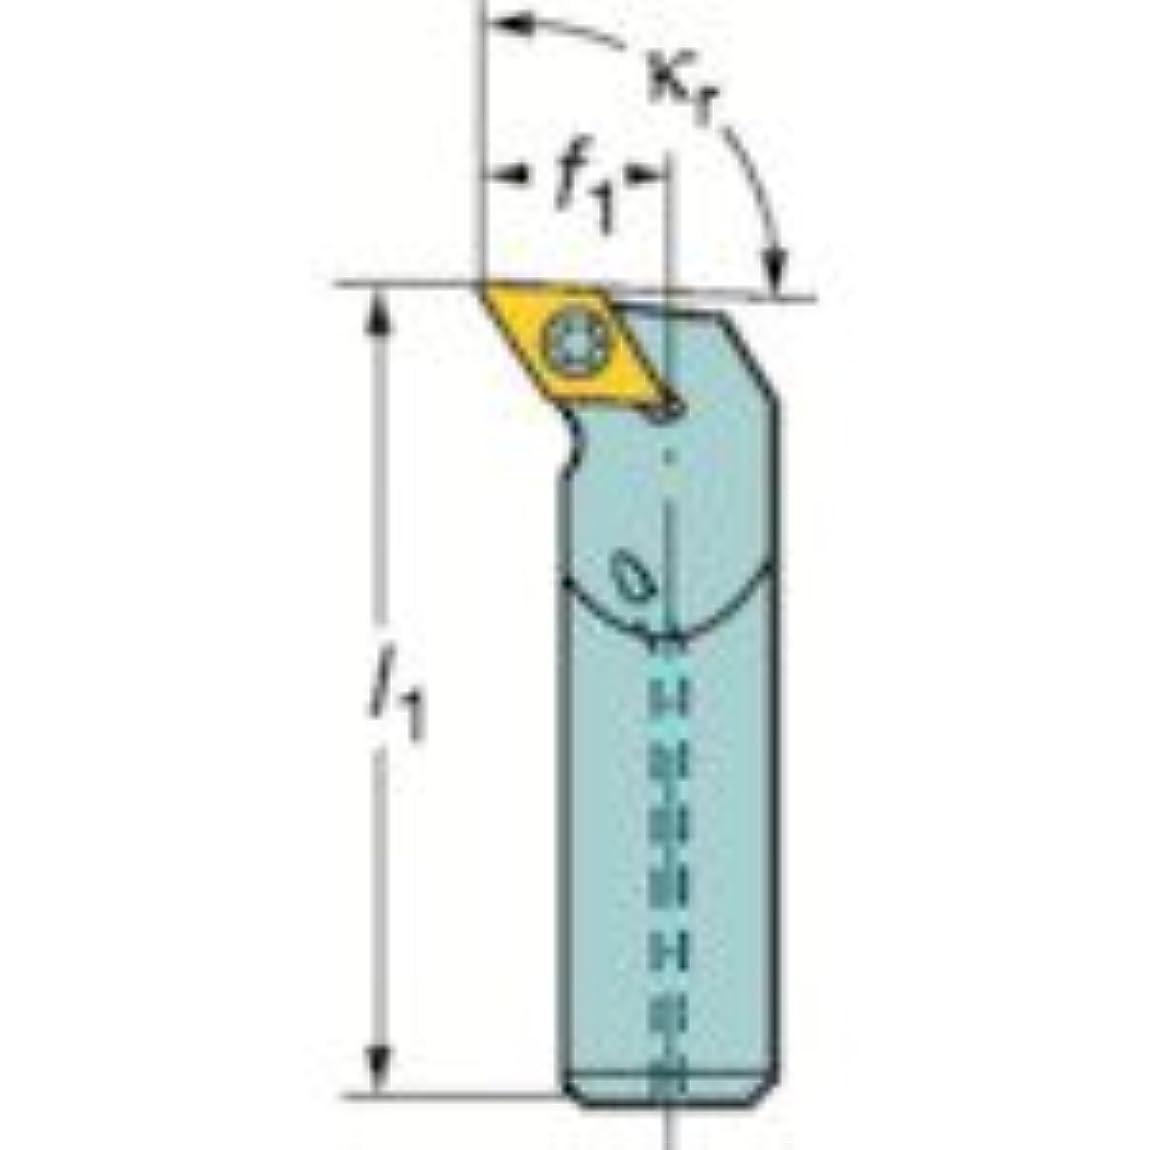 中性トピック考えTRUSCO サンドビック コロターン107 ポジチップ用ボーリングバイト A16RSDUCL07R